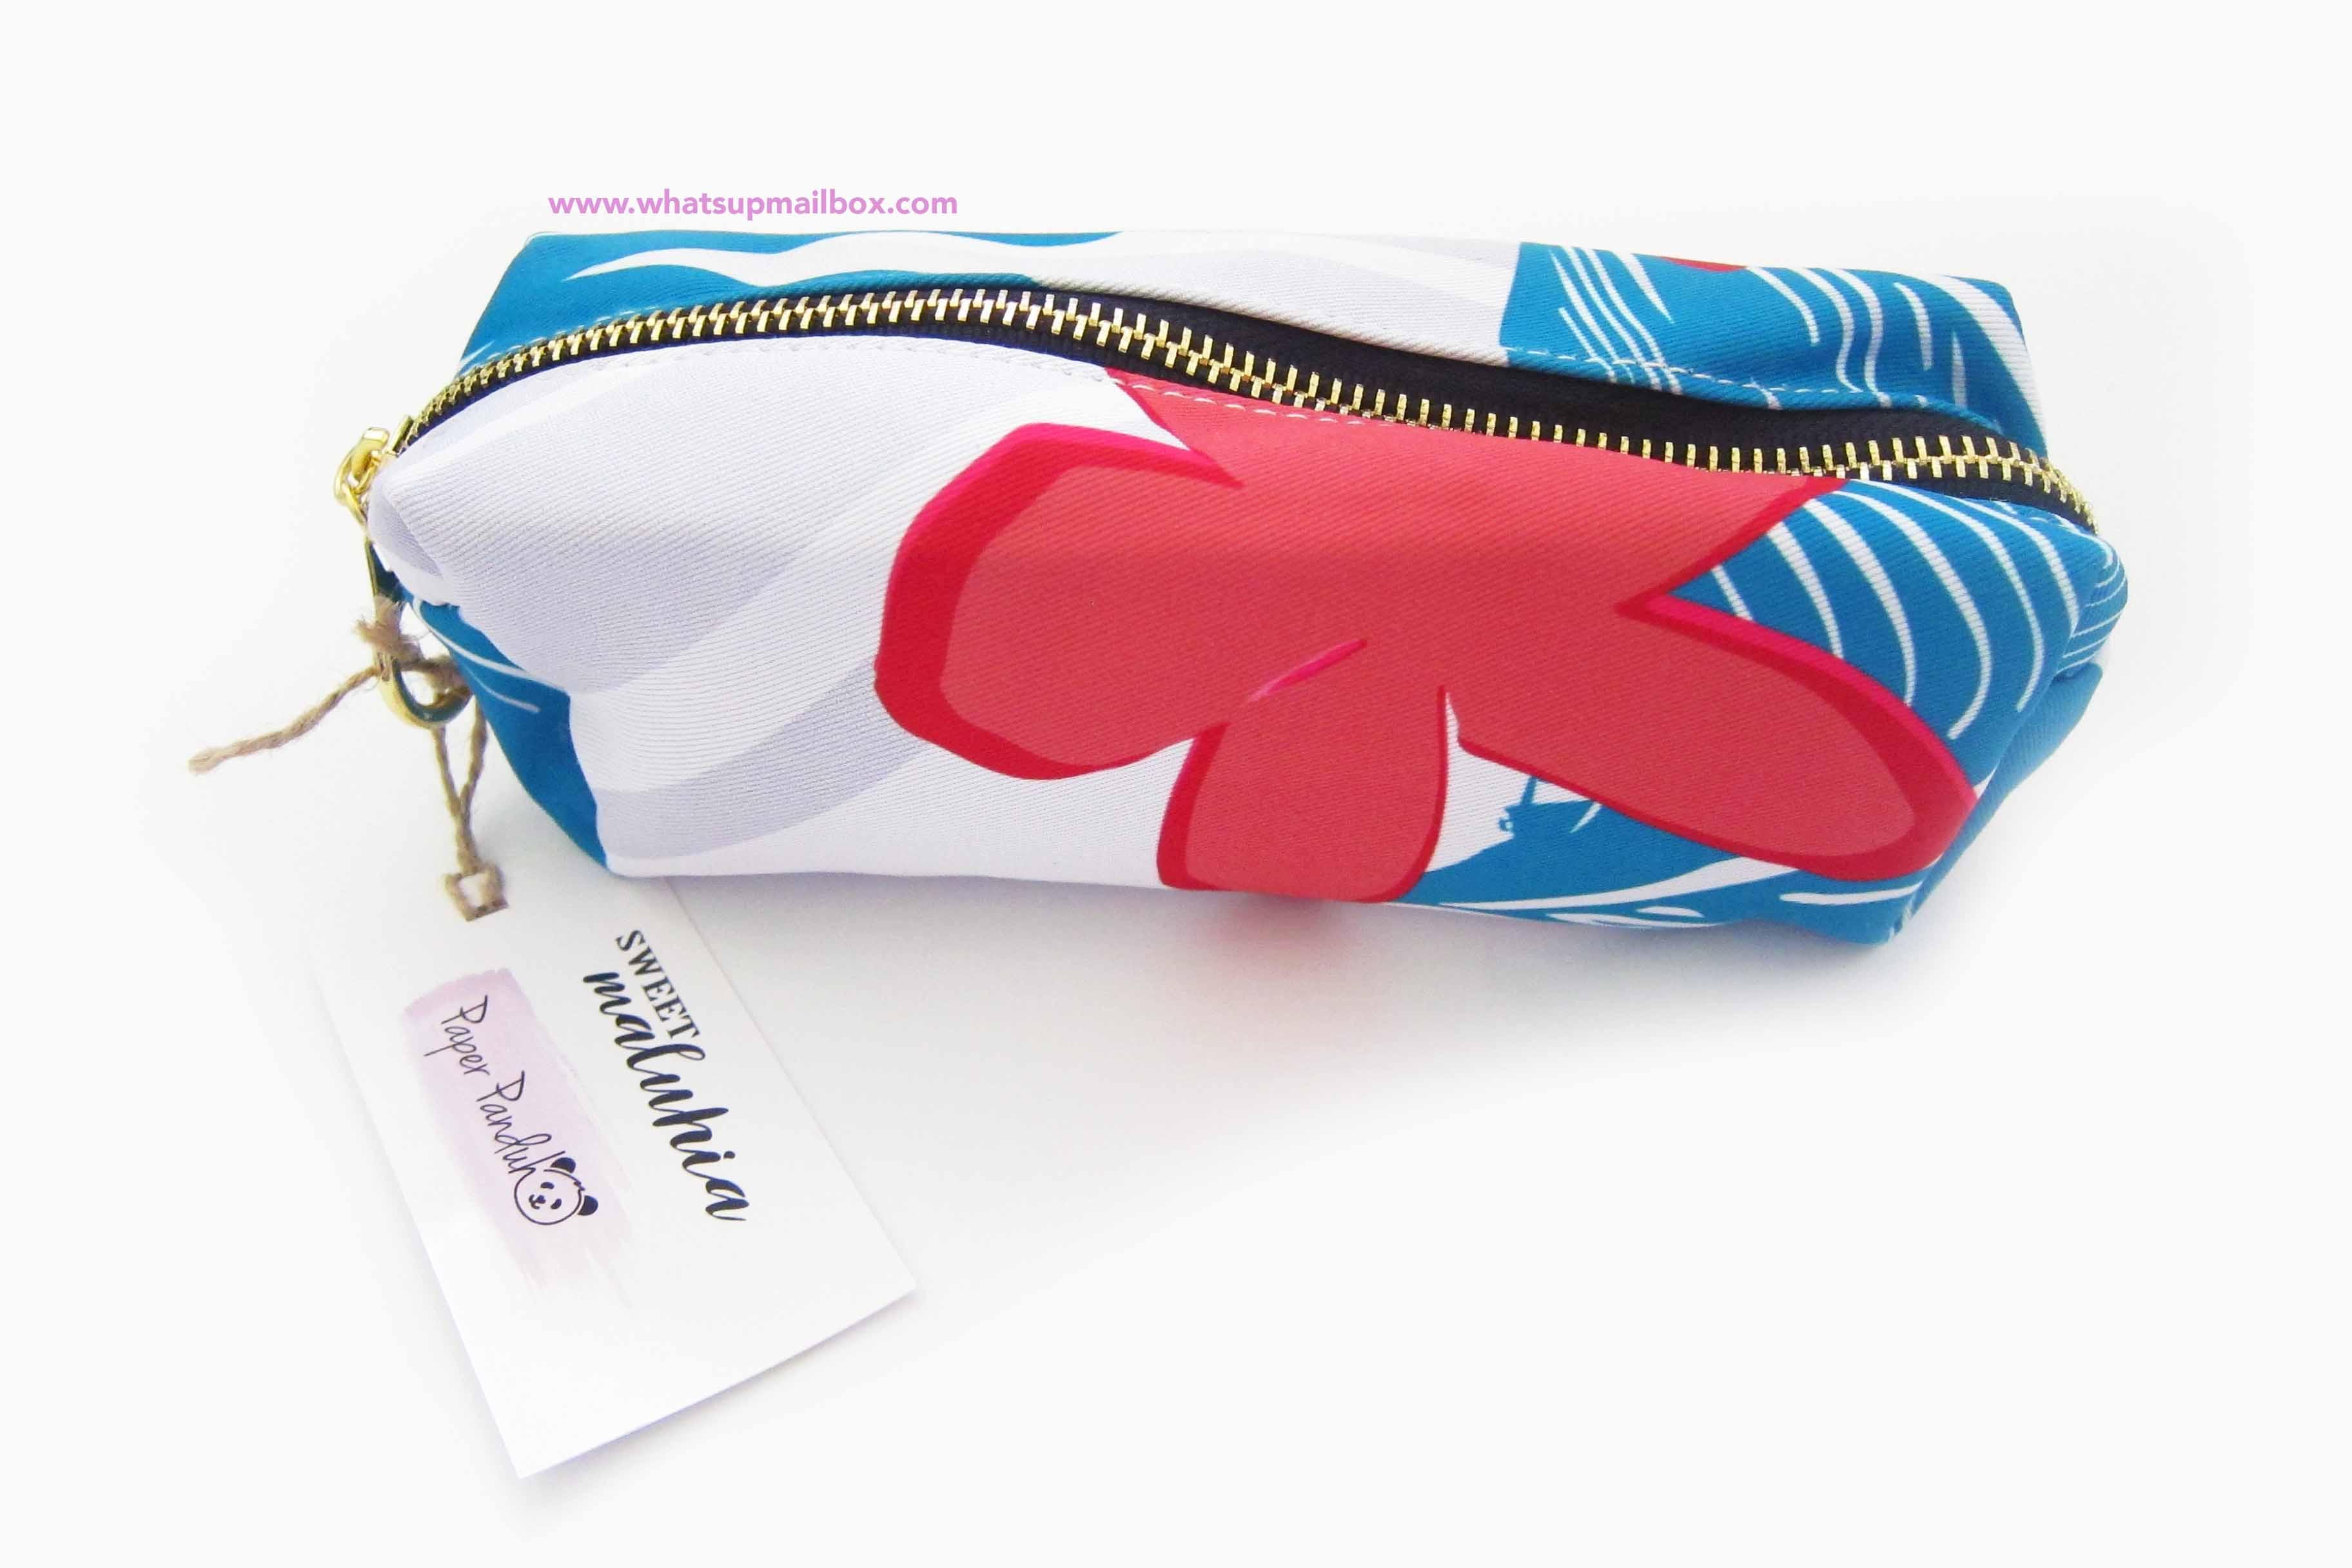 Panduh Box June 2016 Sweet Maluhia Makeup Bag